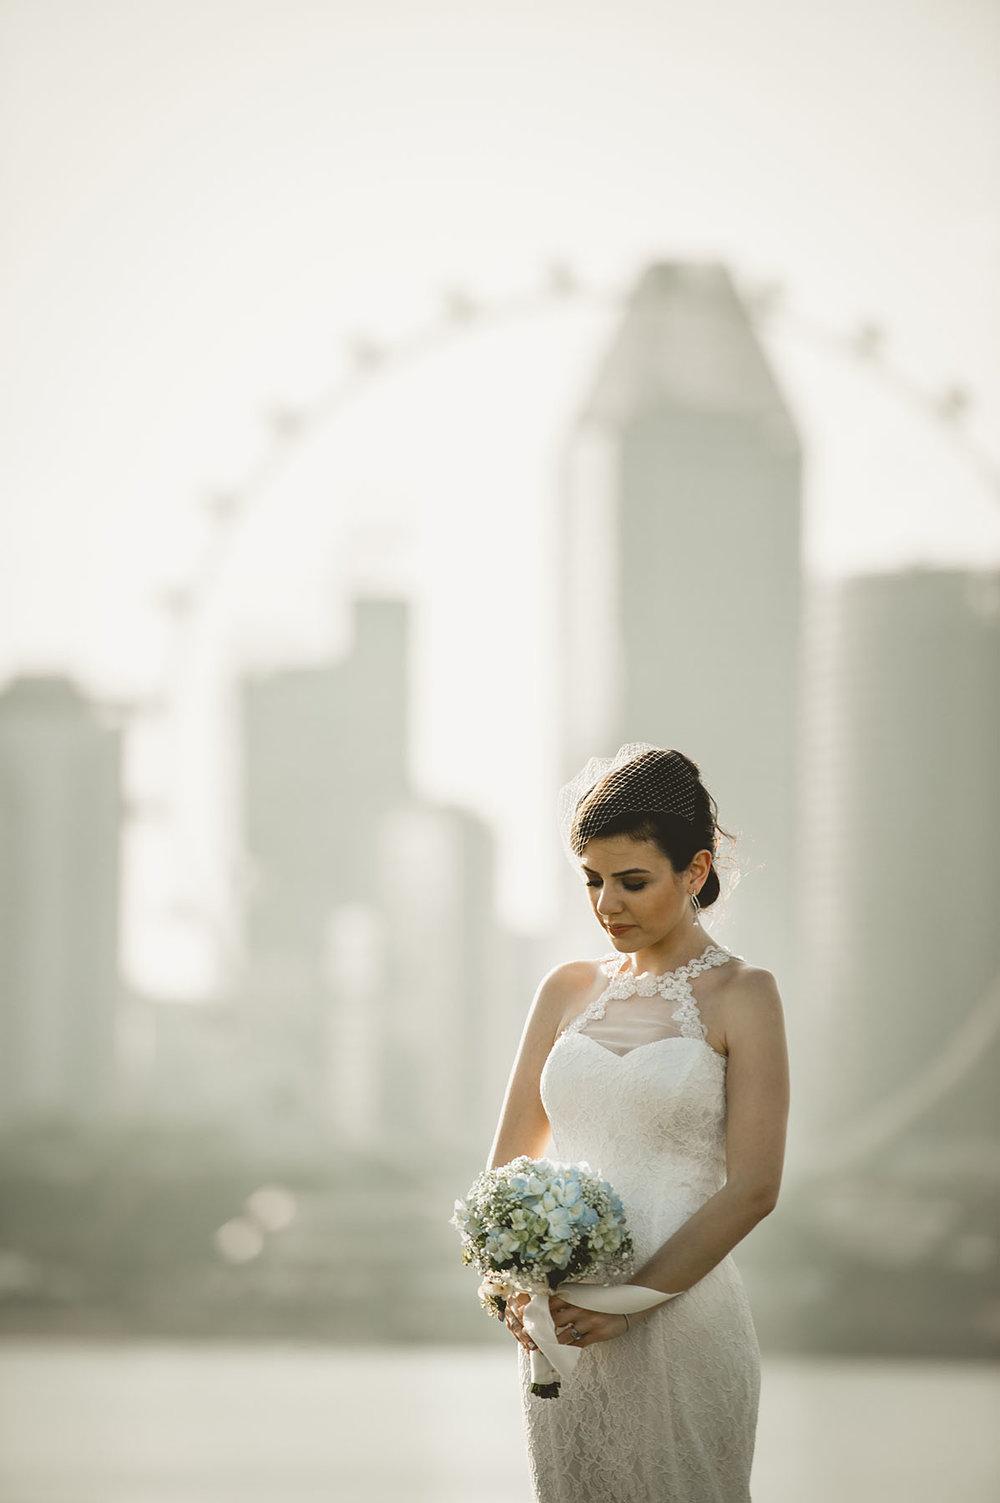 01 Prewedding Marina Barrage 00011a.JPG